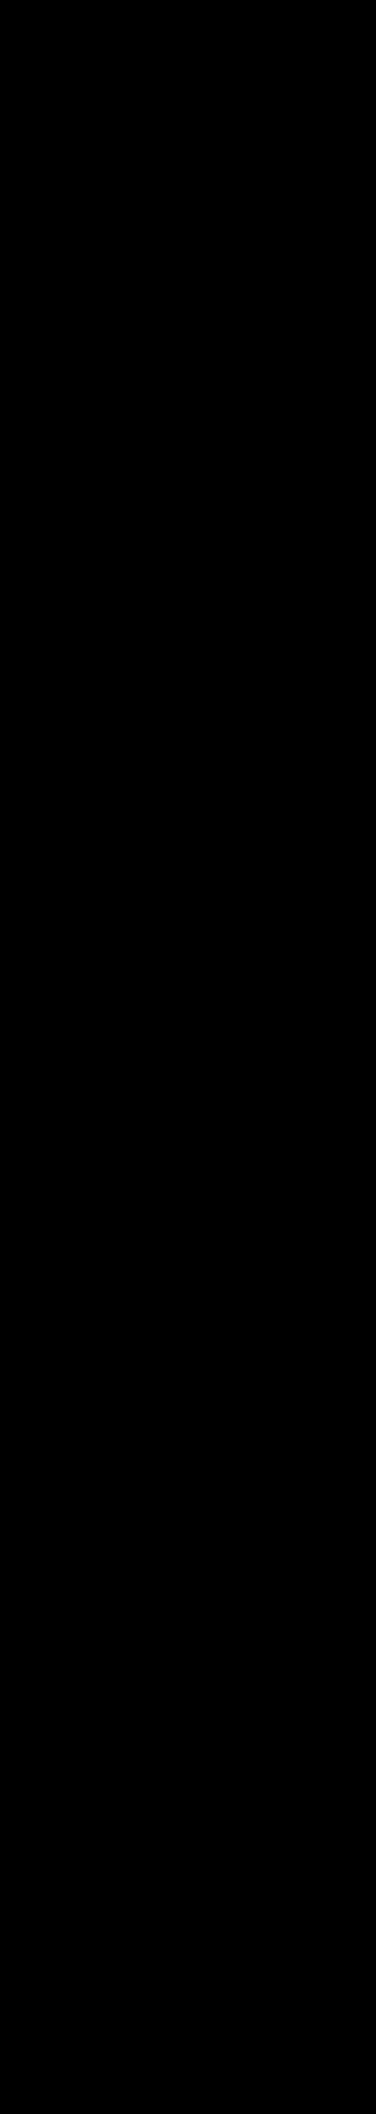 คอร์ดกีตาร์ ง่าย คอร์ดกีตาร์พื้นฐาน เพลง ปัจจัยที่ 5